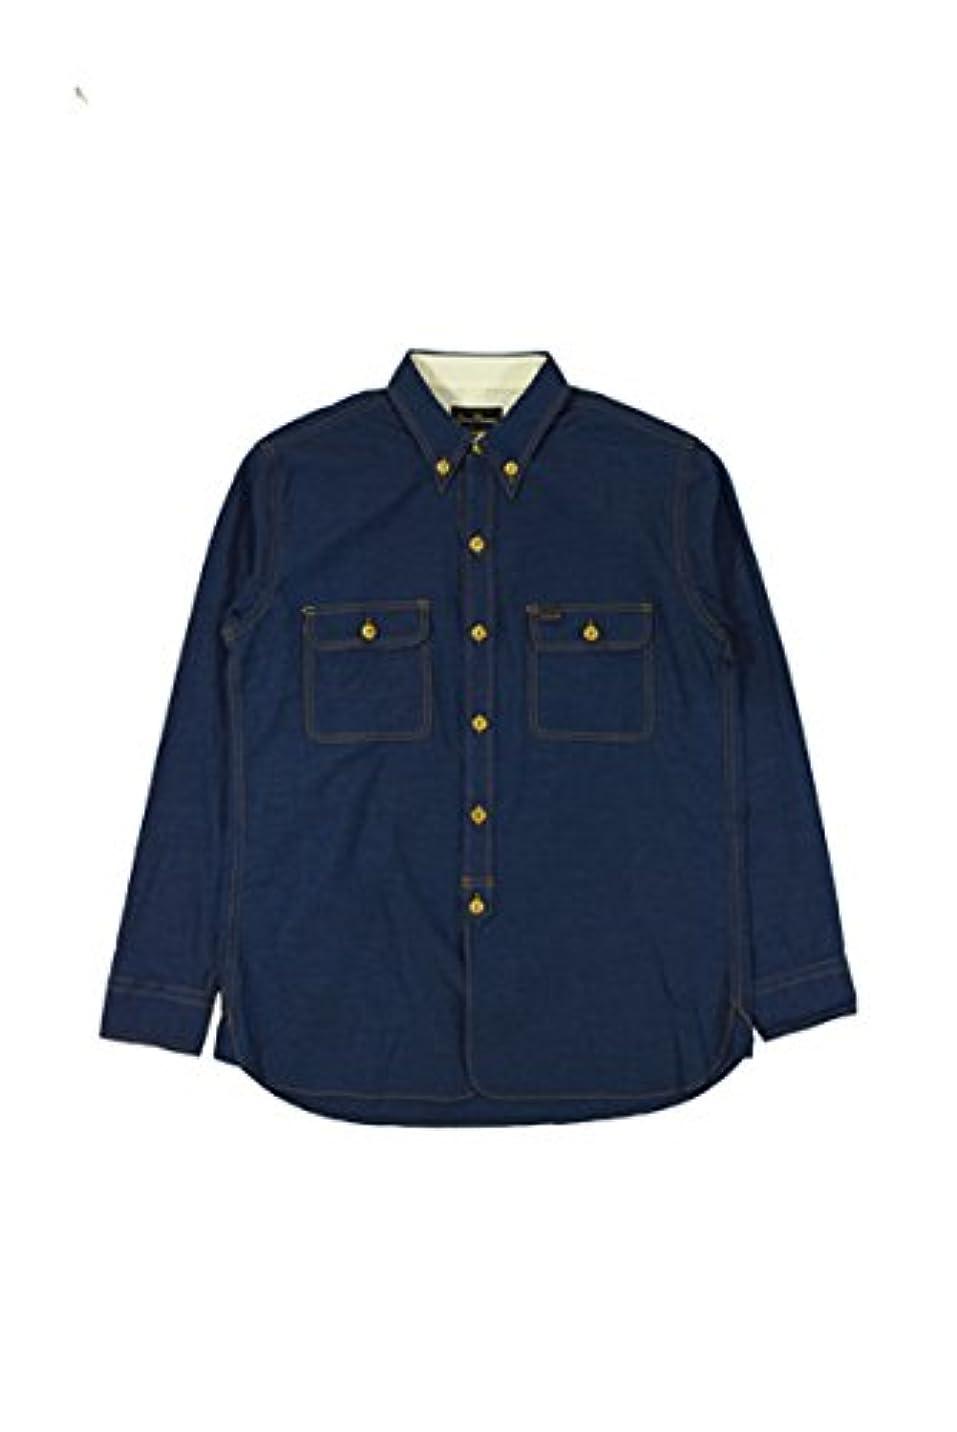 故障ランク素晴らしい良い多くのB.D.ワークシャンブレーシャツ  OWEN _36-NAVY